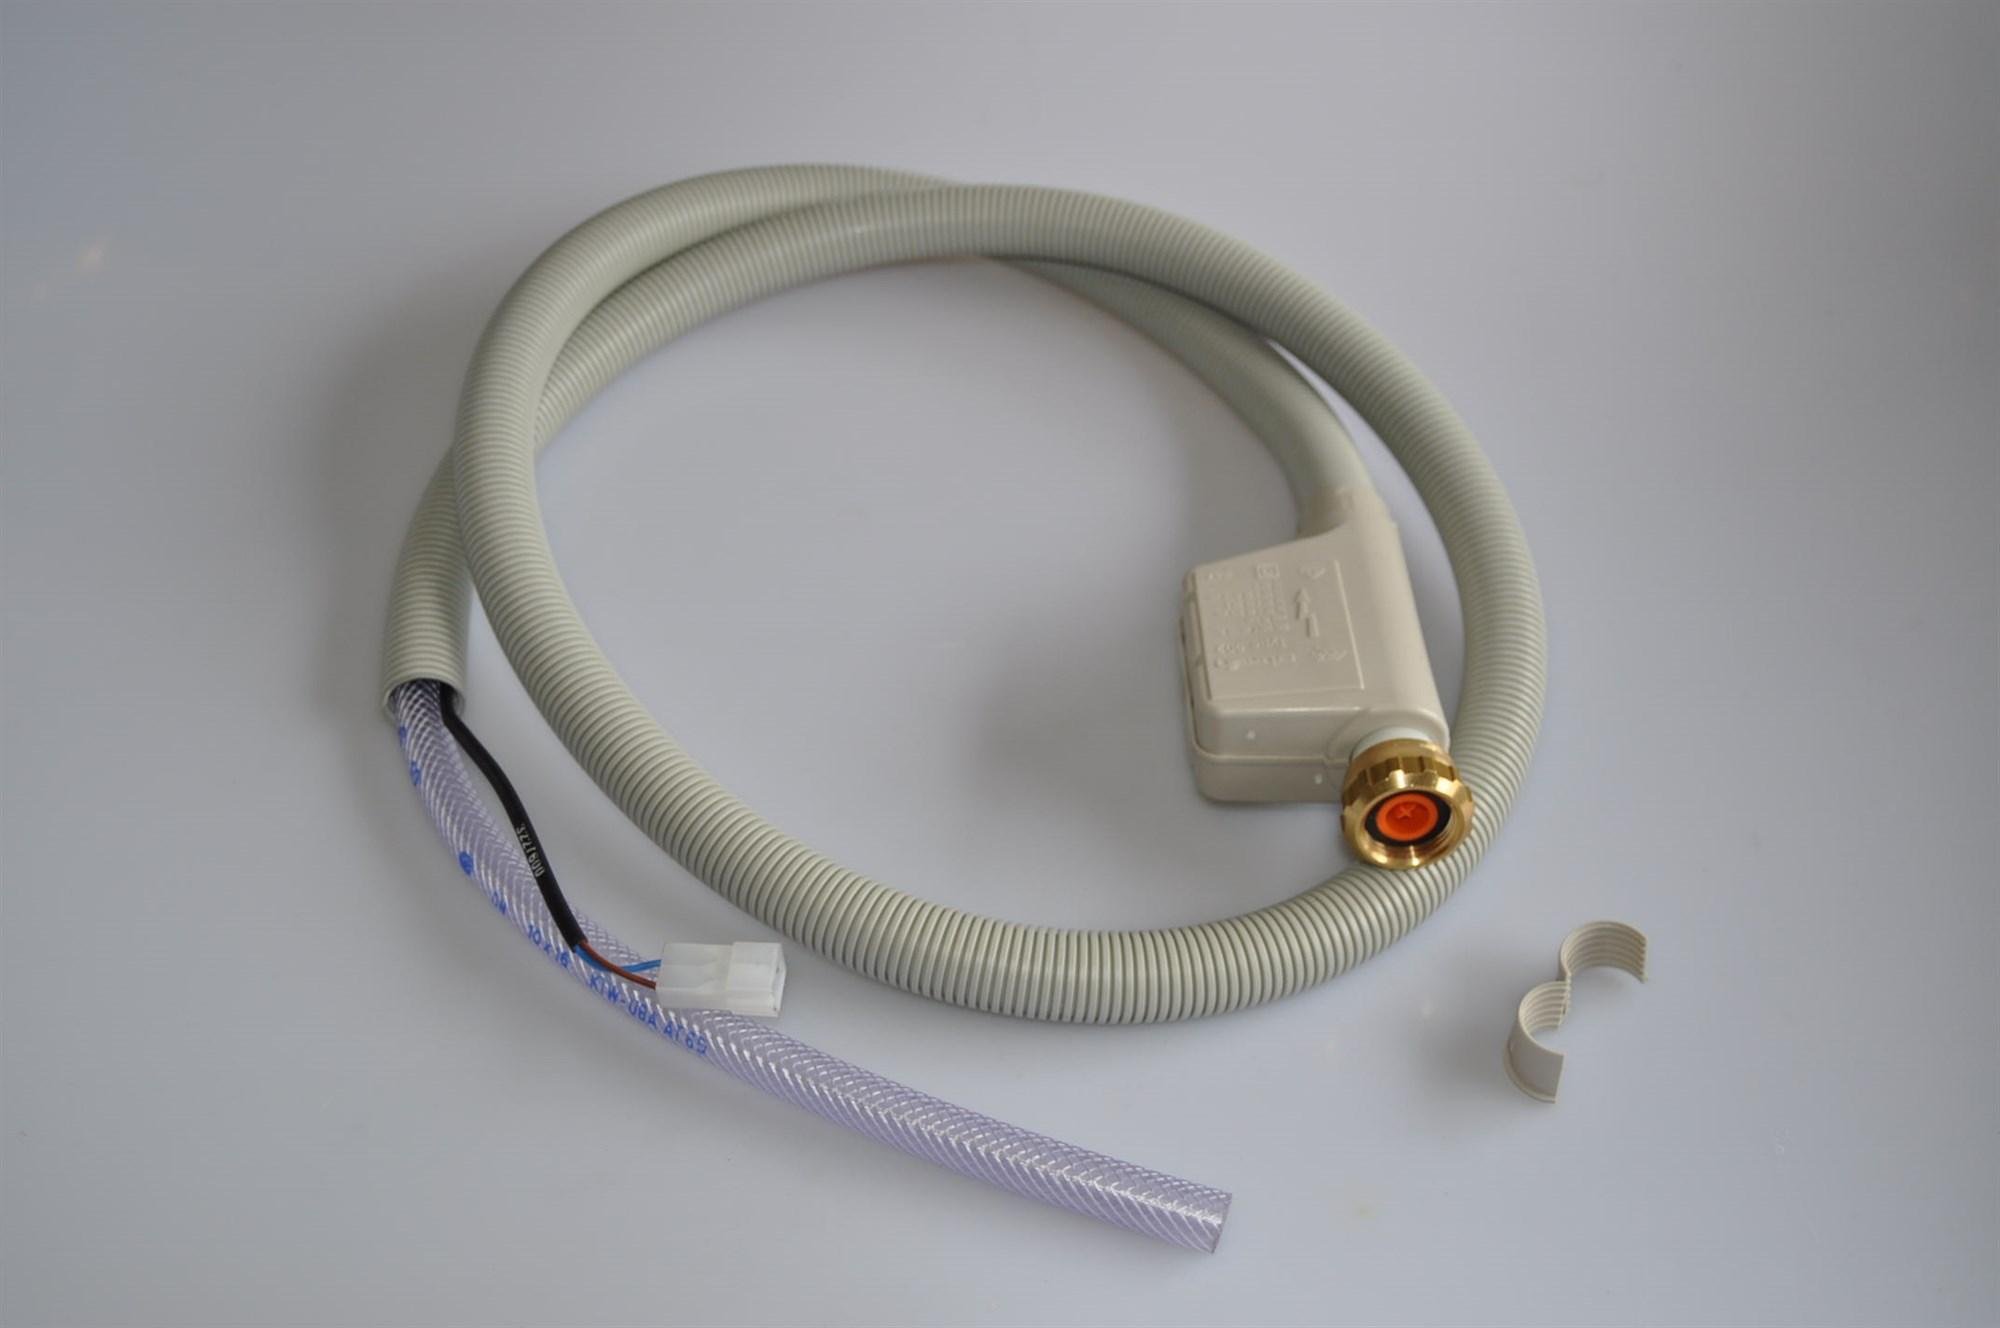 Prima Aquastop-slang, Gorenje diskmaskin NA-44